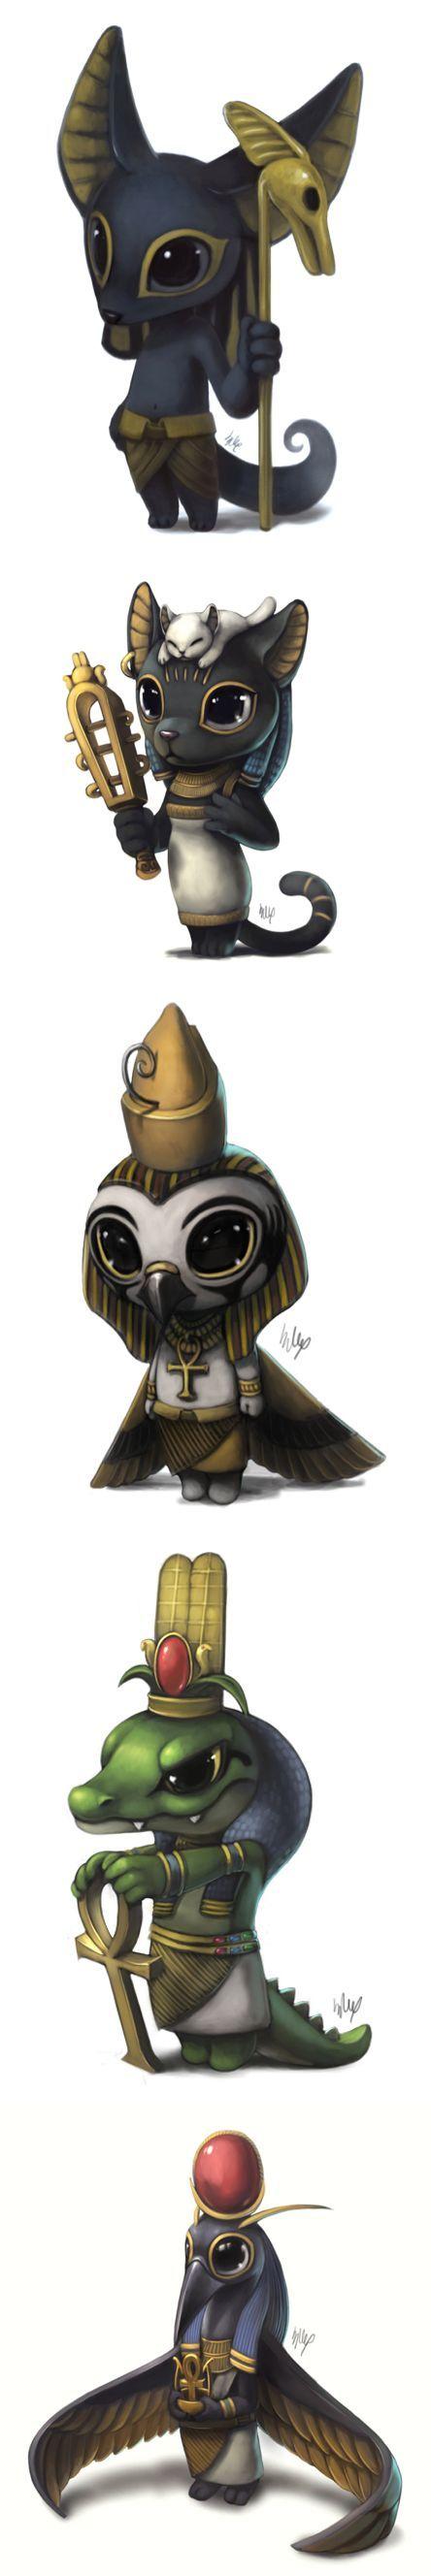 Lil' Egytian gods   Anubis, Bast, Horus, Sobek, and Thoth   silverfox5213 @ deviantArt